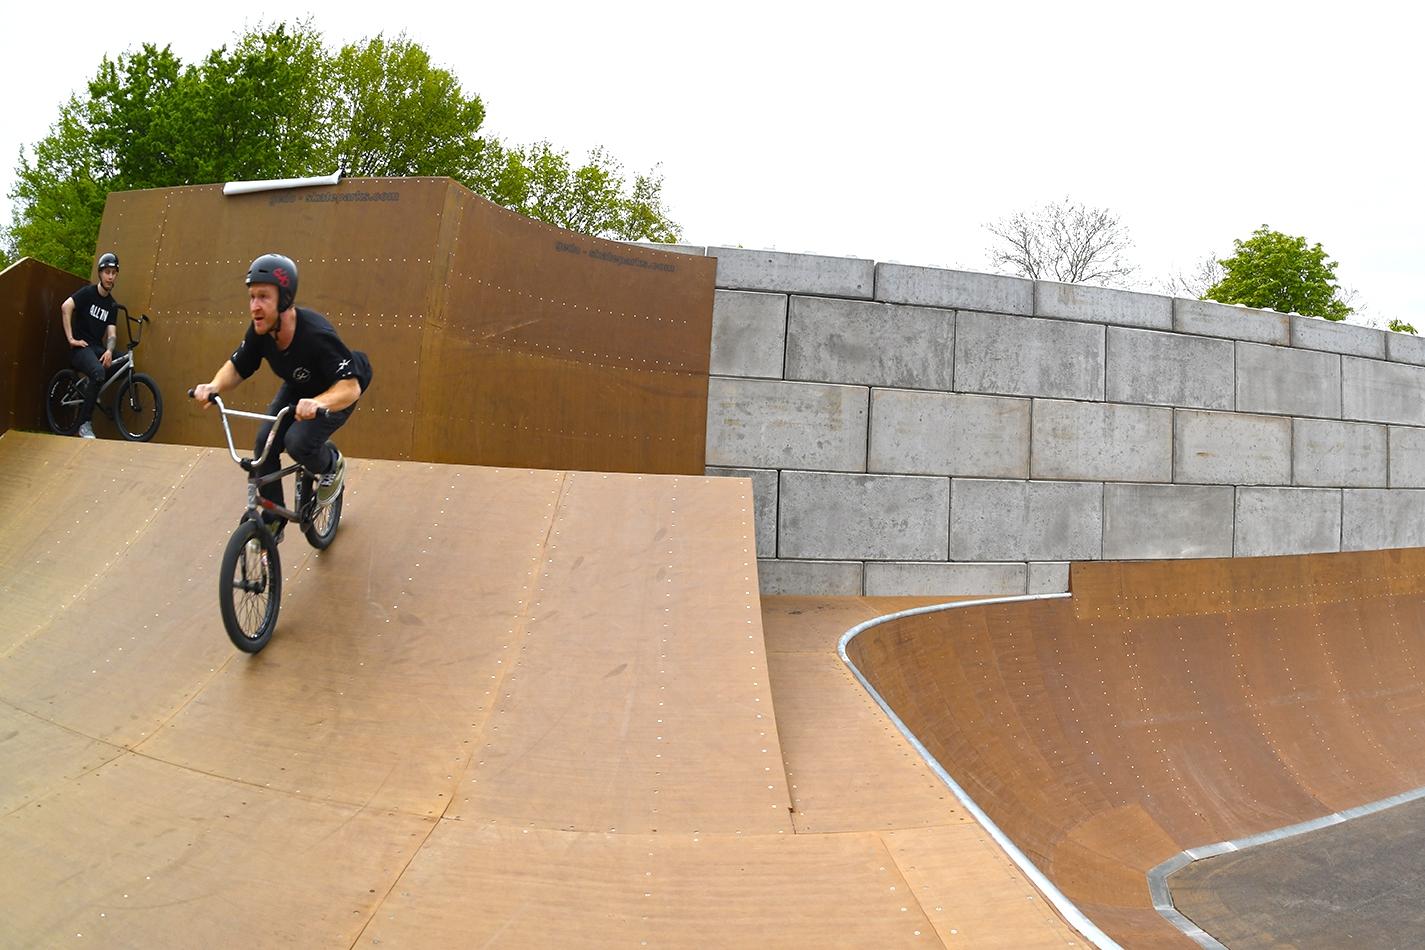 BL_Darmstadt_Bikepark_Testfahrt_Gallery_08